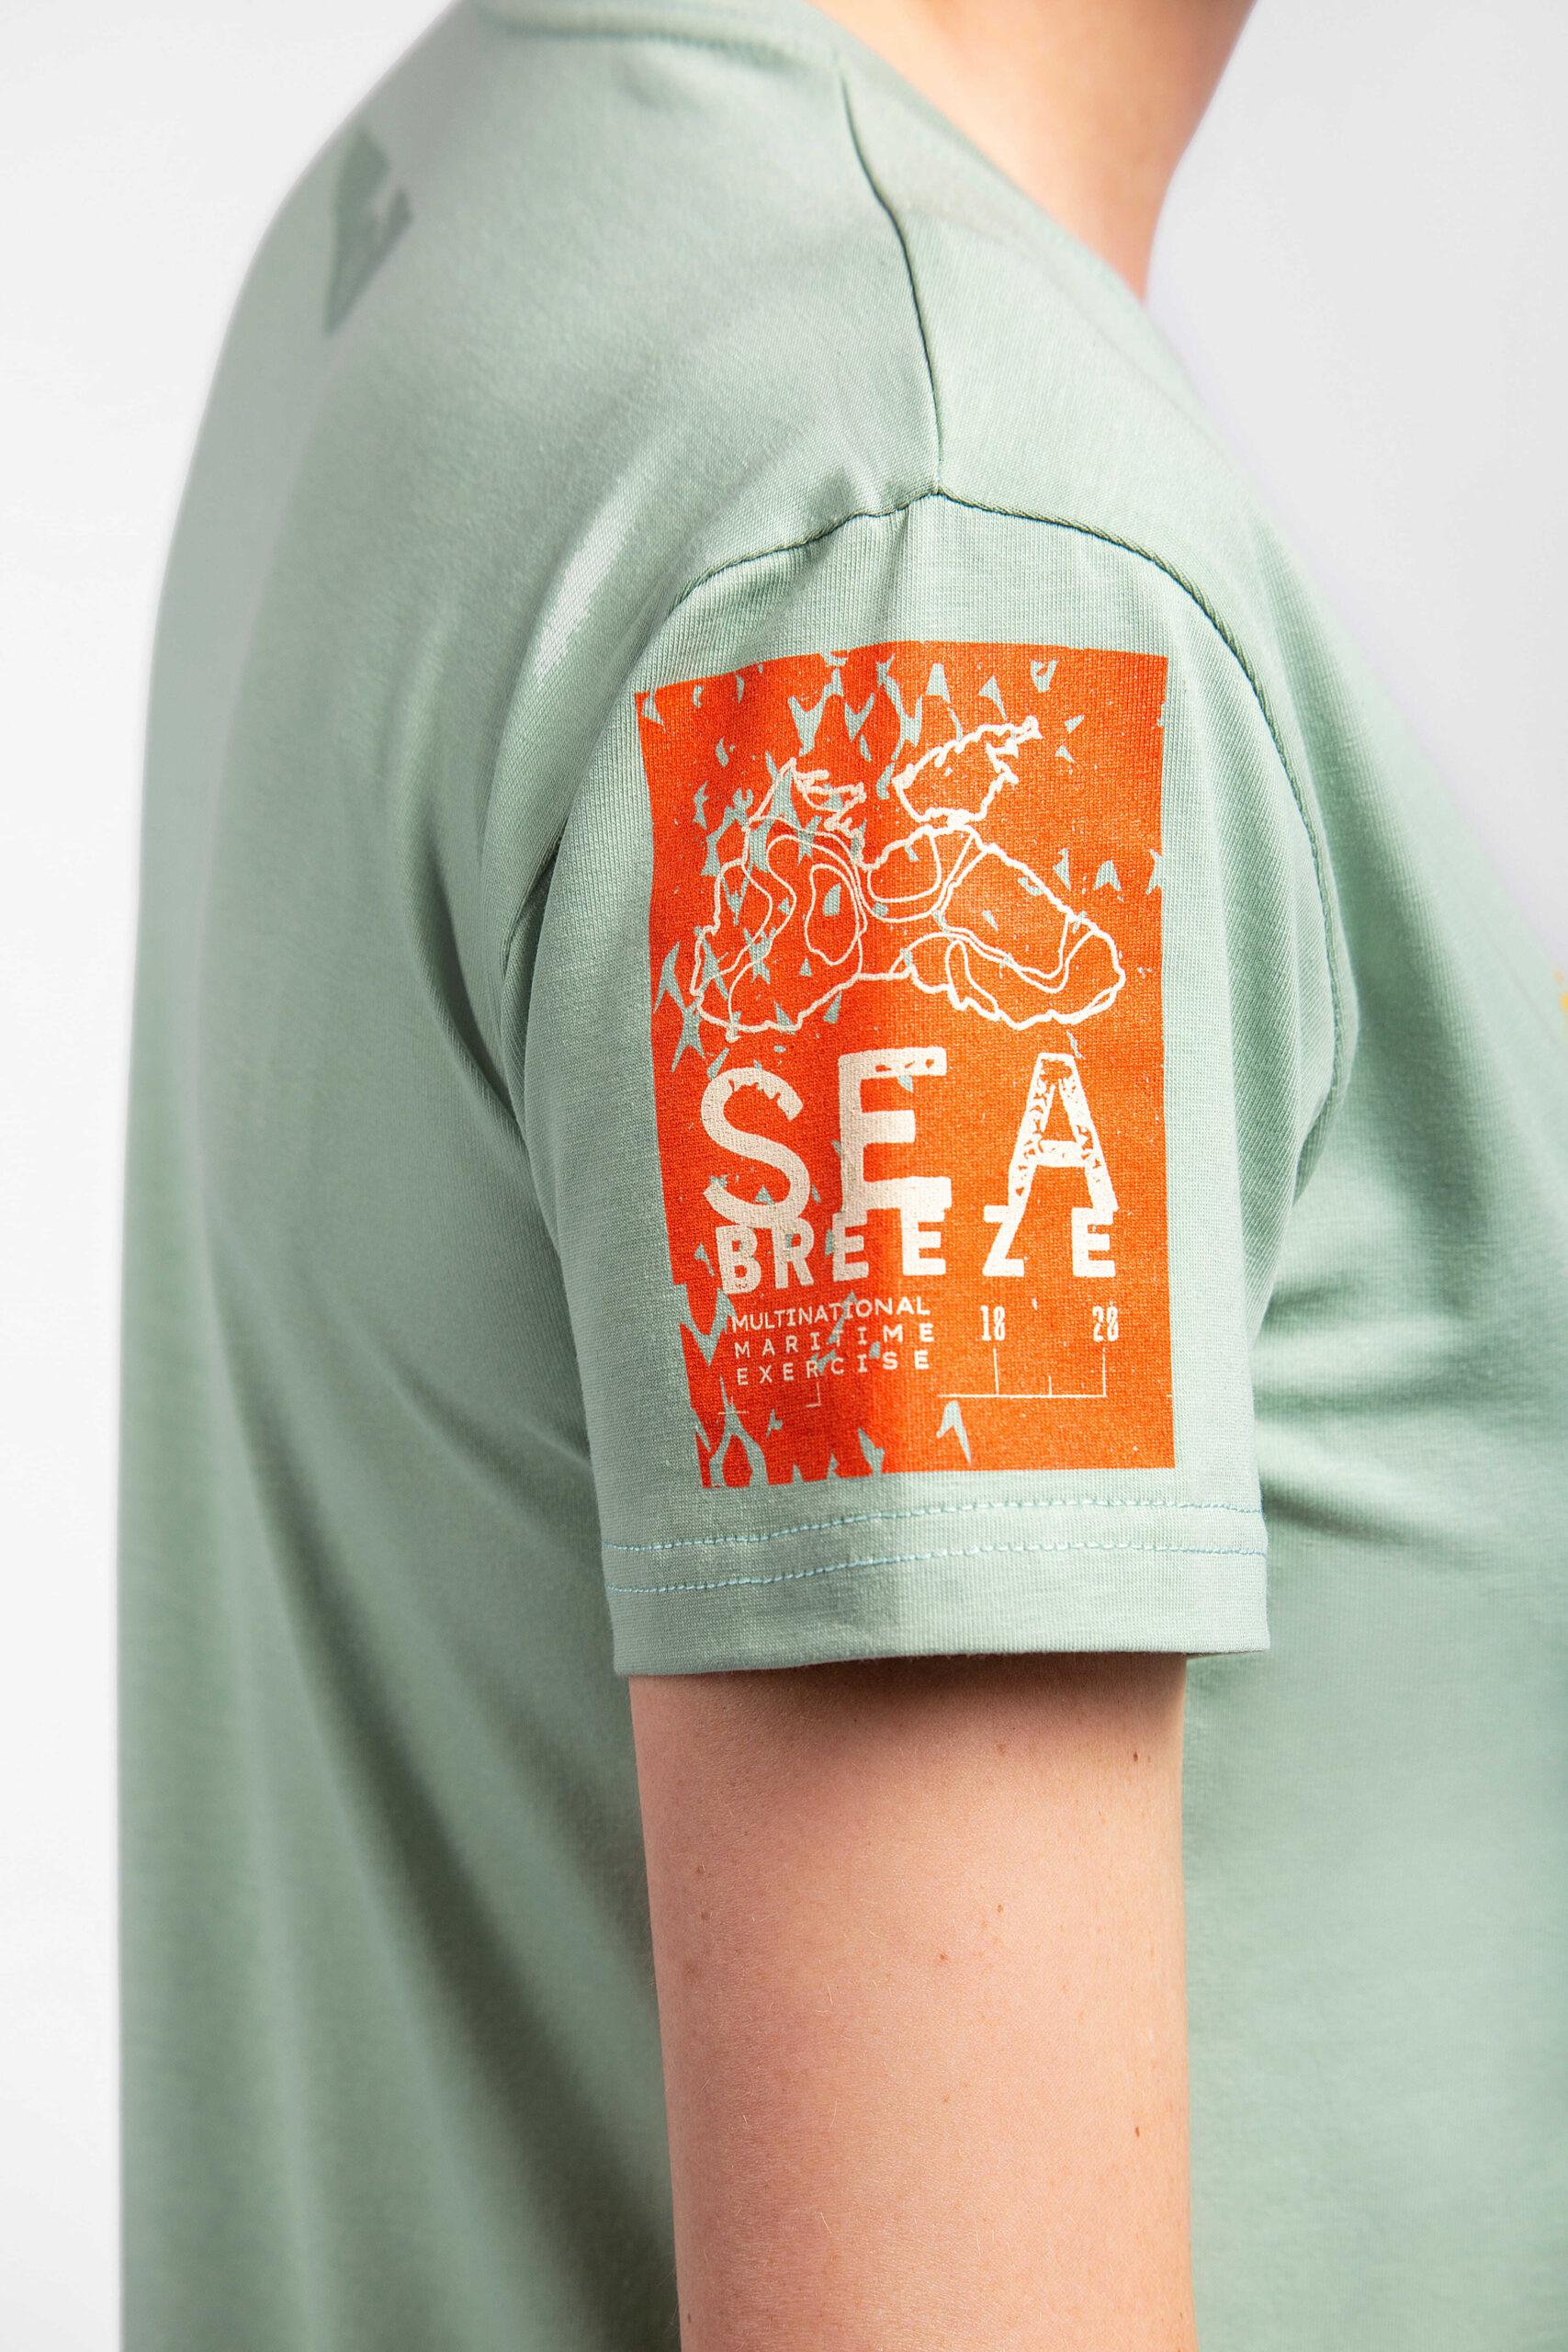 Жіноча Футболка Захисники Морів. Колір м'ятний.  На жіночій фігурі футболка виглядає просто чудово! Матеріал: 95% бавовна, 5% спандекс.